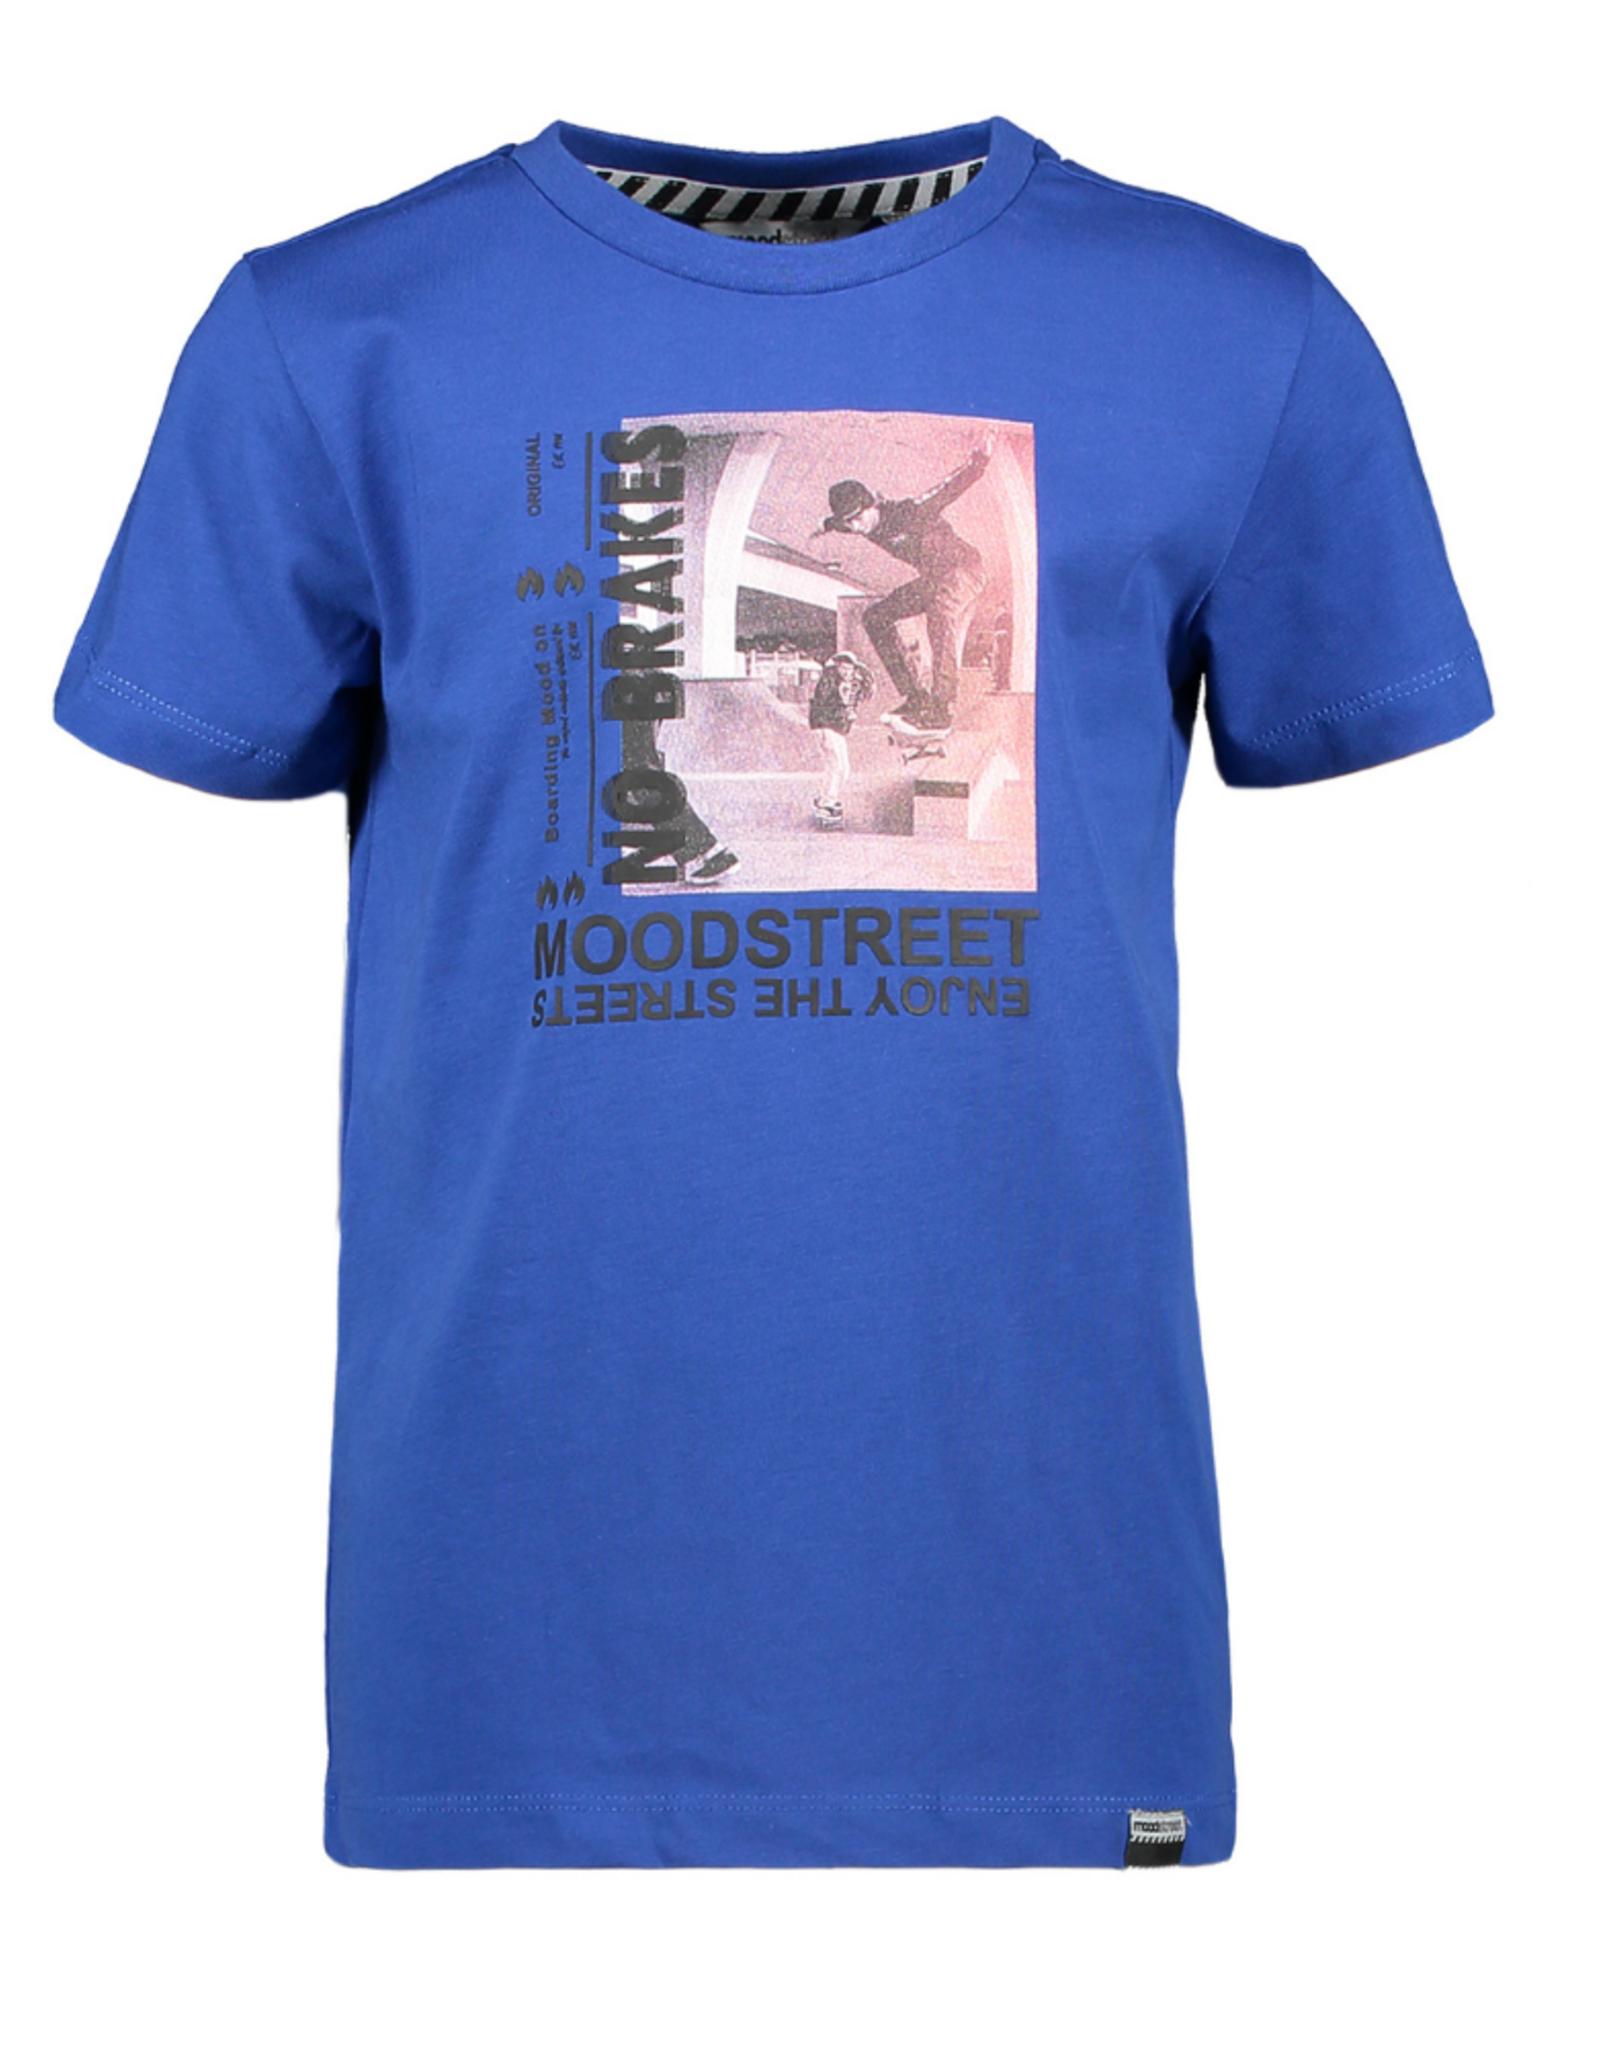 Moodstreet Moodstreet t-shirt 6421 sporty blue